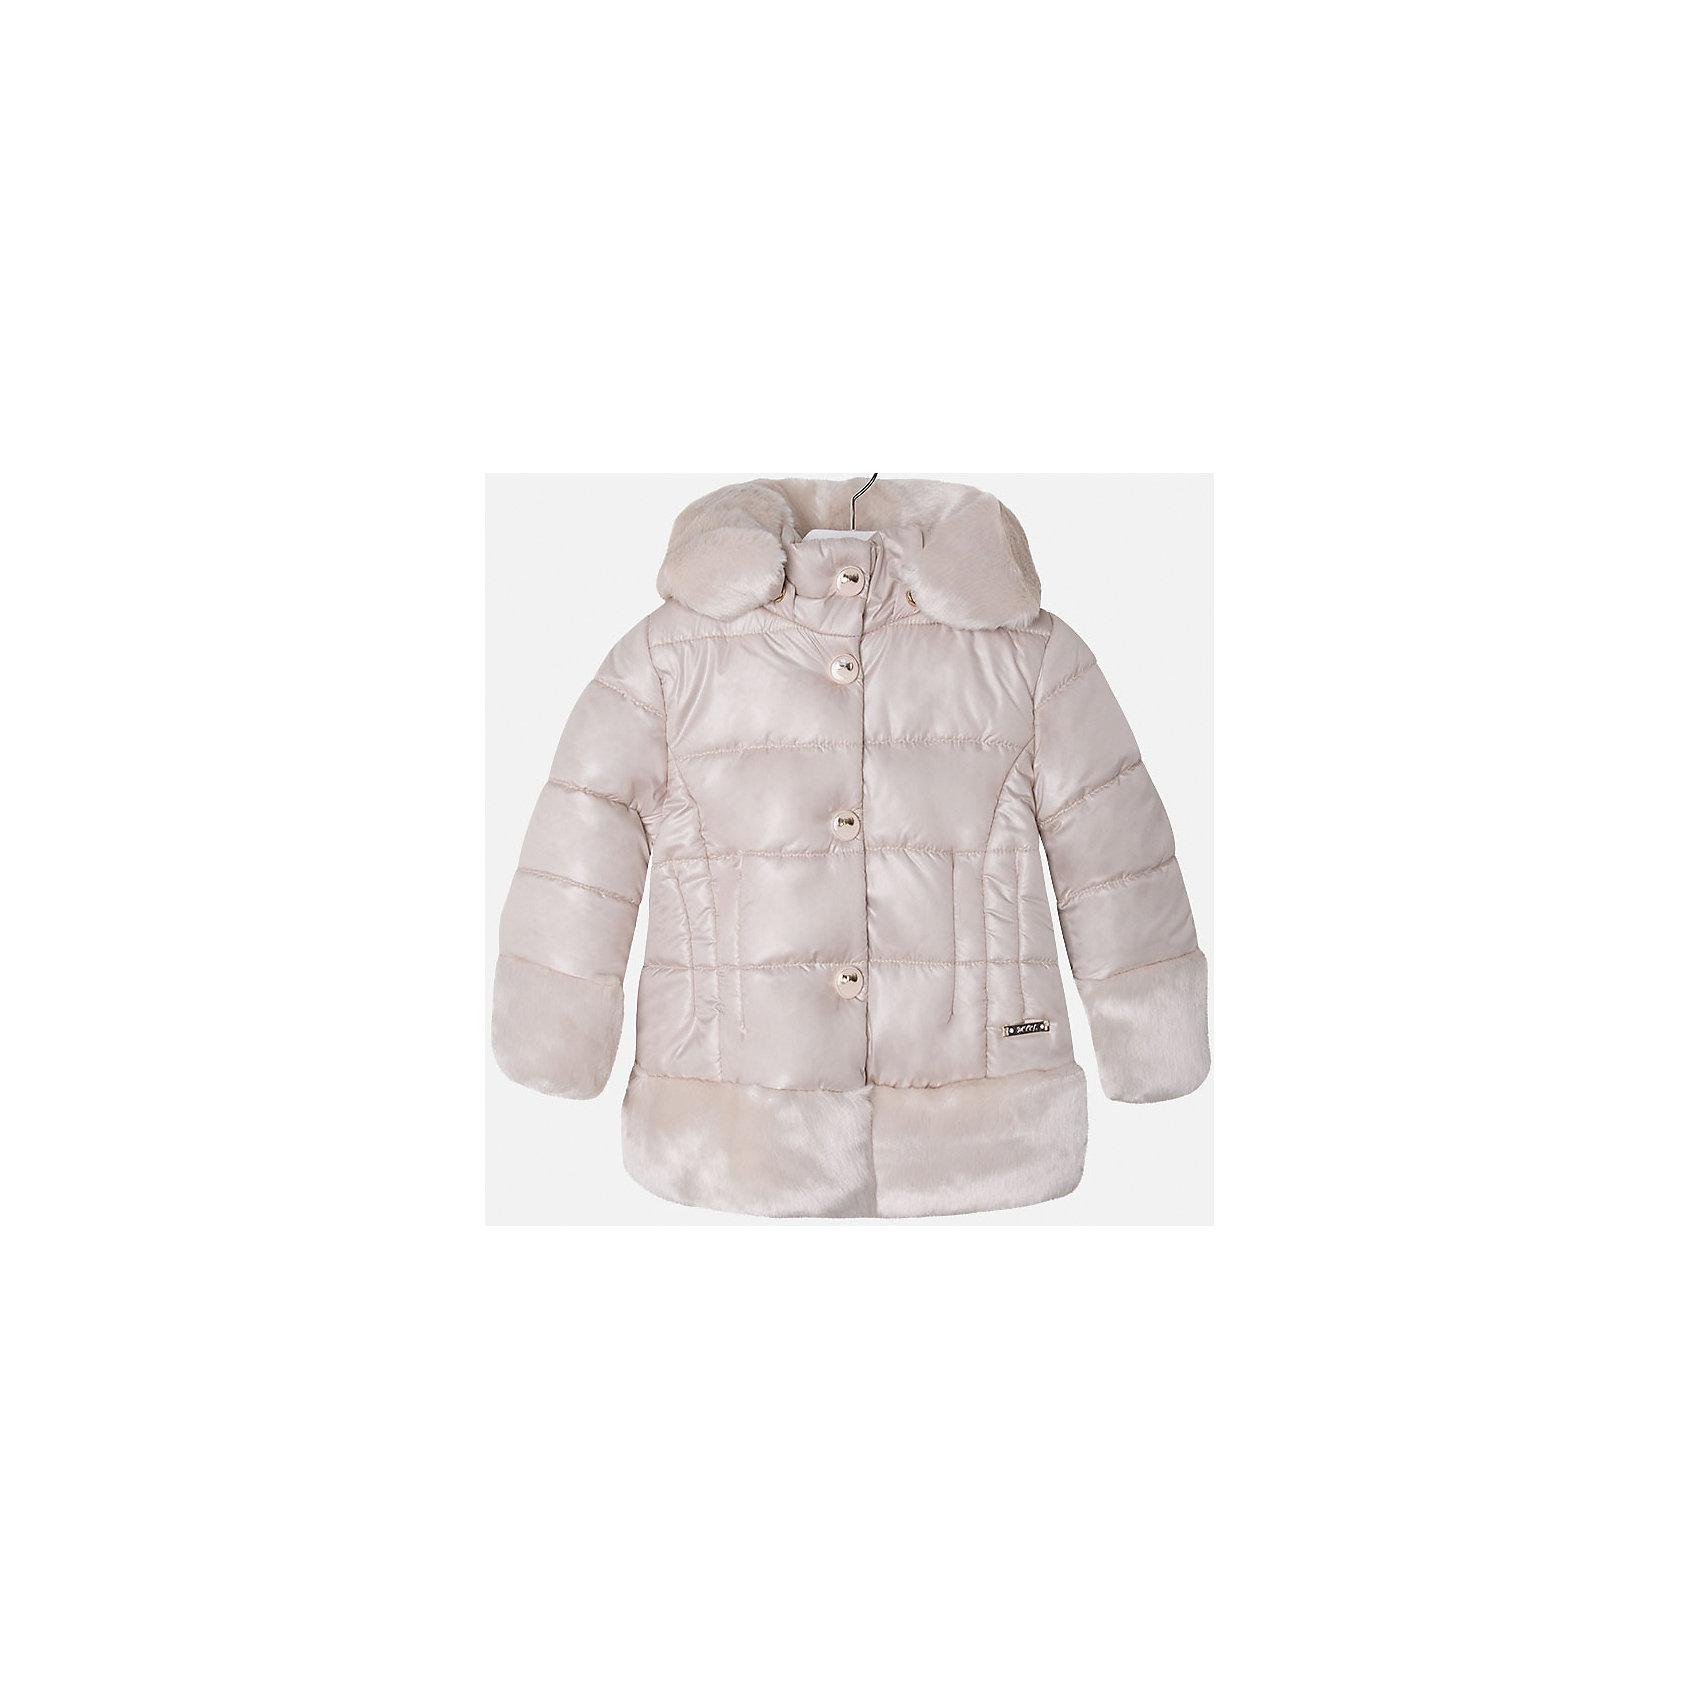 Куртка для девочки MayoralДемисезонные куртки<br>Куртка для девочки из коллекции осень-зима 2016-2017 известного испанского бренда Mayoral (Майорал). Удобная и красивая отднотонная куртка без рисунка. Приятный жемчужный цвет в сочетании с плюшевыми манжетами, низом куртки и каймой капюшона придутся по вкусу вашей моднице. Плащевая ткань основной части куртки непромокаемая и не пропускает ветер. Куртка отлично подойдет как к юбкам и брюкам, так и к джинсам. Застегивается на молнию и кнопки. Куртка имеет качественный крой и маленькую пластинку с наименованием бренда на лицевой стороне спереди.<br><br>Дополнительная информация:<br>- Длина: удлиненная <br>- Силуэт: прямой <br>- Утеплитель: синтепон, плотность 120 г/кв.м<br>Состав: 100 % полиэстер<br><br>Куртку для девочки Mayoral (Майорал) можно купить в нашем интернет-магазине.<br><br>Подробнее:<br>• Для детей в возрасте: от 8 до 14 лет<br>• Номер товара: 4843787 <br>Страна производитель: Китай<br><br>Ширина мм: 356<br>Глубина мм: 10<br>Высота мм: 245<br>Вес г: 519<br>Цвет: желтый<br>Возраст от месяцев: 36<br>Возраст до месяцев: 48<br>Пол: Женский<br>Возраст: Детский<br>Размер: 104,110,134,116,128,122,98<br>SKU: 4843786